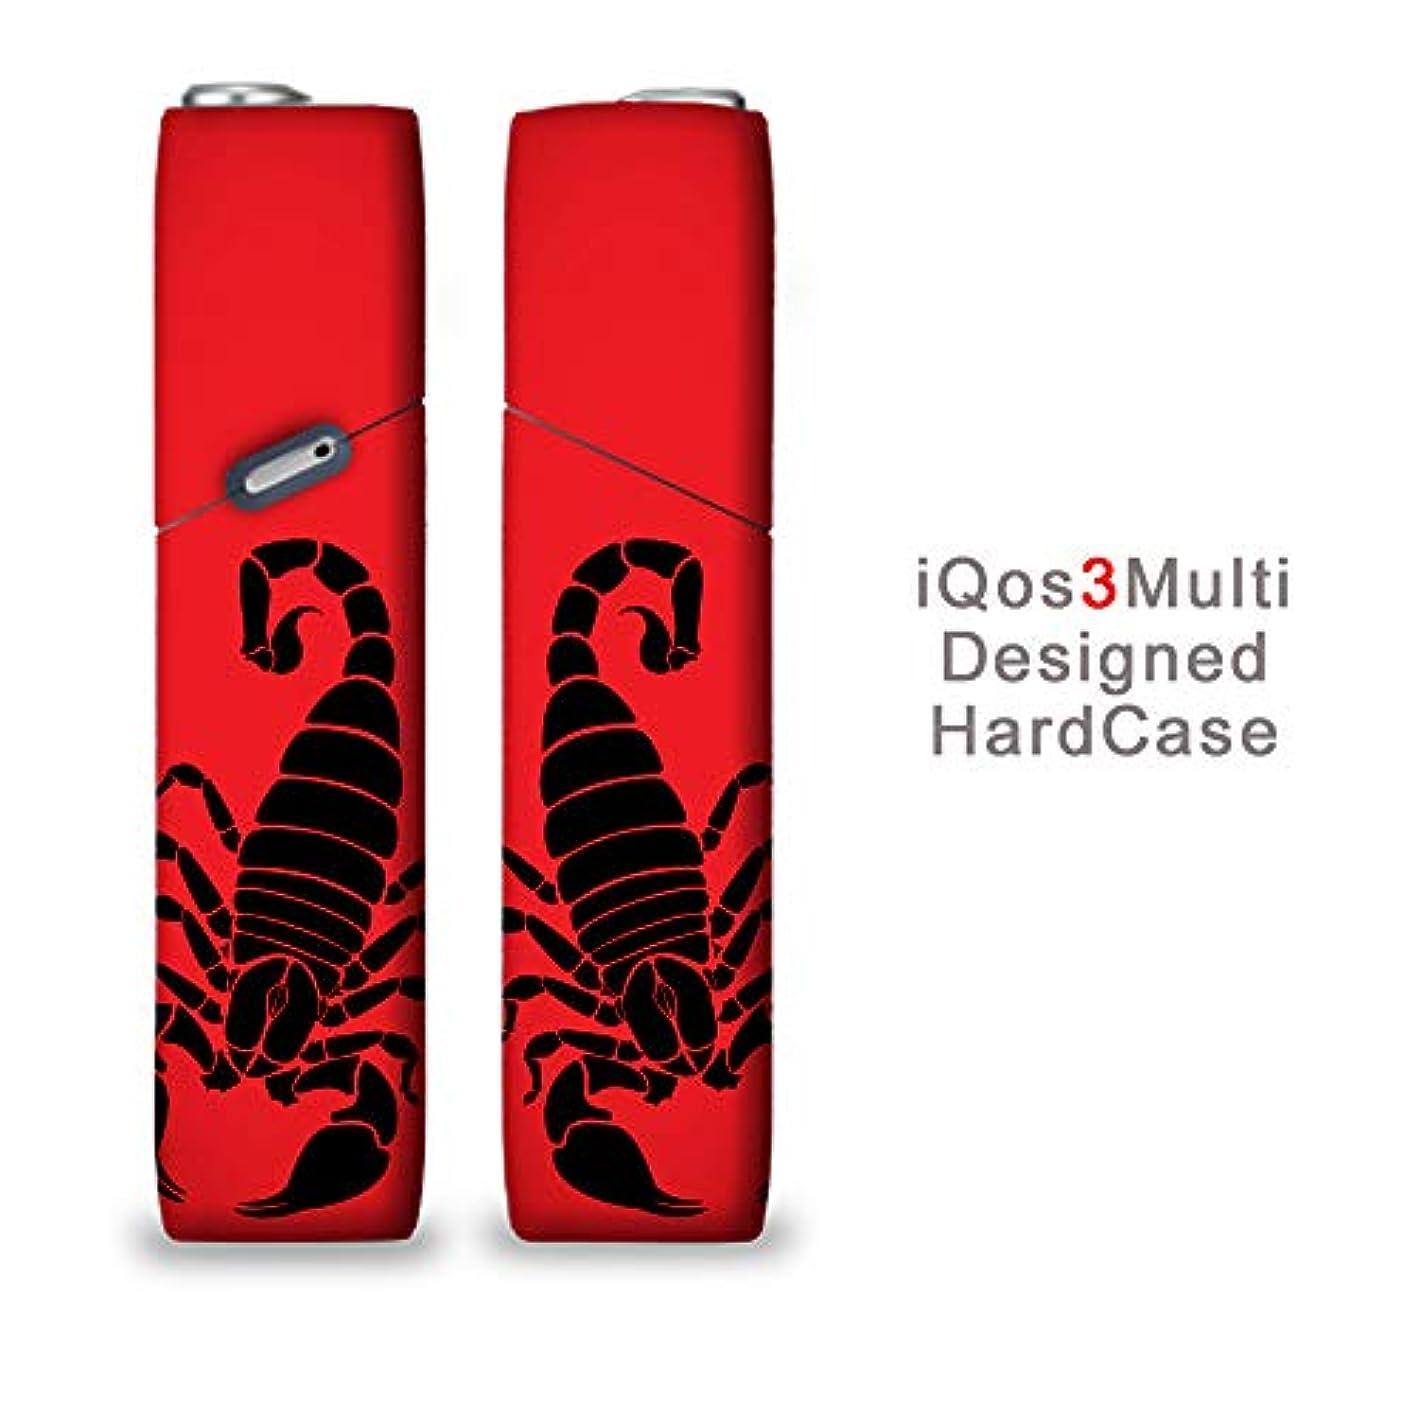 容量地上のカメラ完全国内受注生産 iQOS3マルチ用 アイコス3マルチ用 熱転写全面印刷 動物柄 さそり 加熱式タバコ 電子タバコ 禁煙サポート アクセサリー プラスティックケース ハードケース 日本製